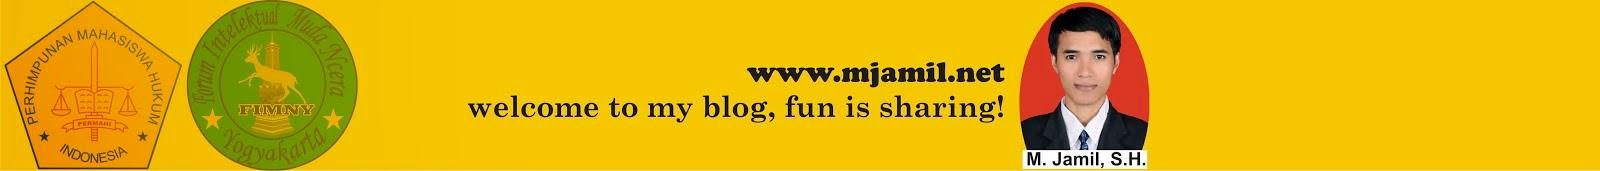 M. Jamil, S.H.